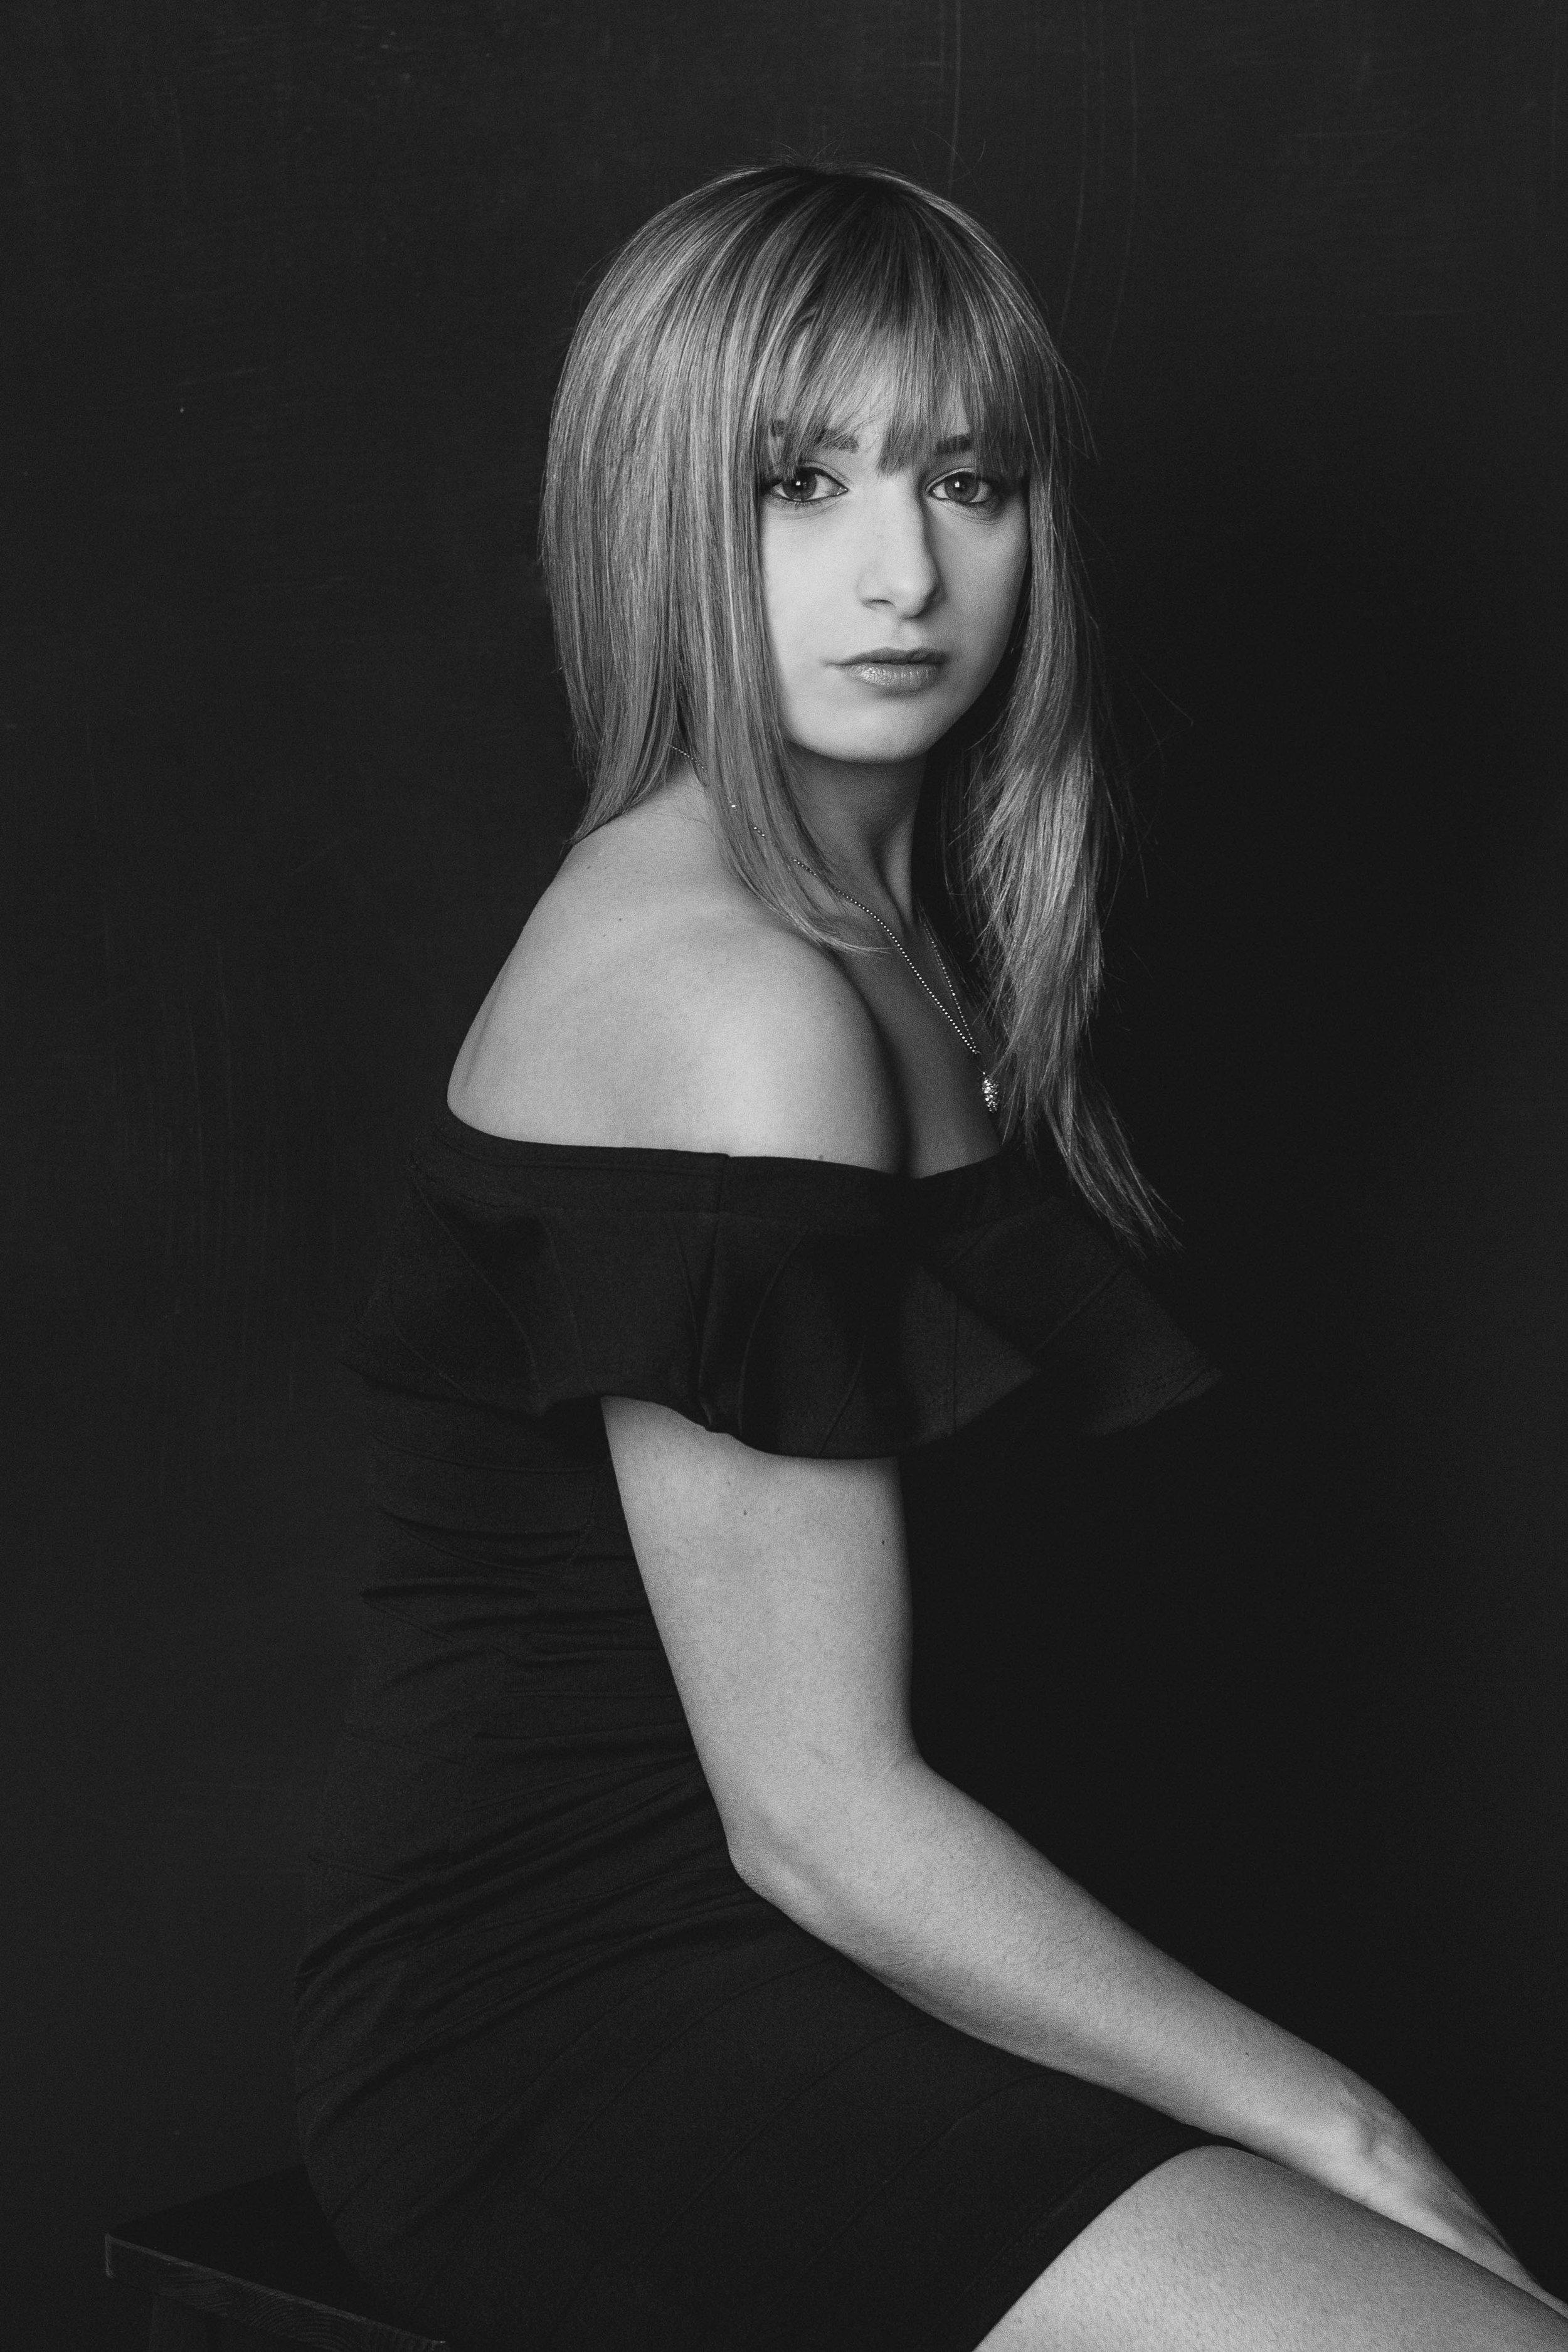 portrait photographer torino italia turin fotografa ritratti ritrattista Laura Griffiths fotografia